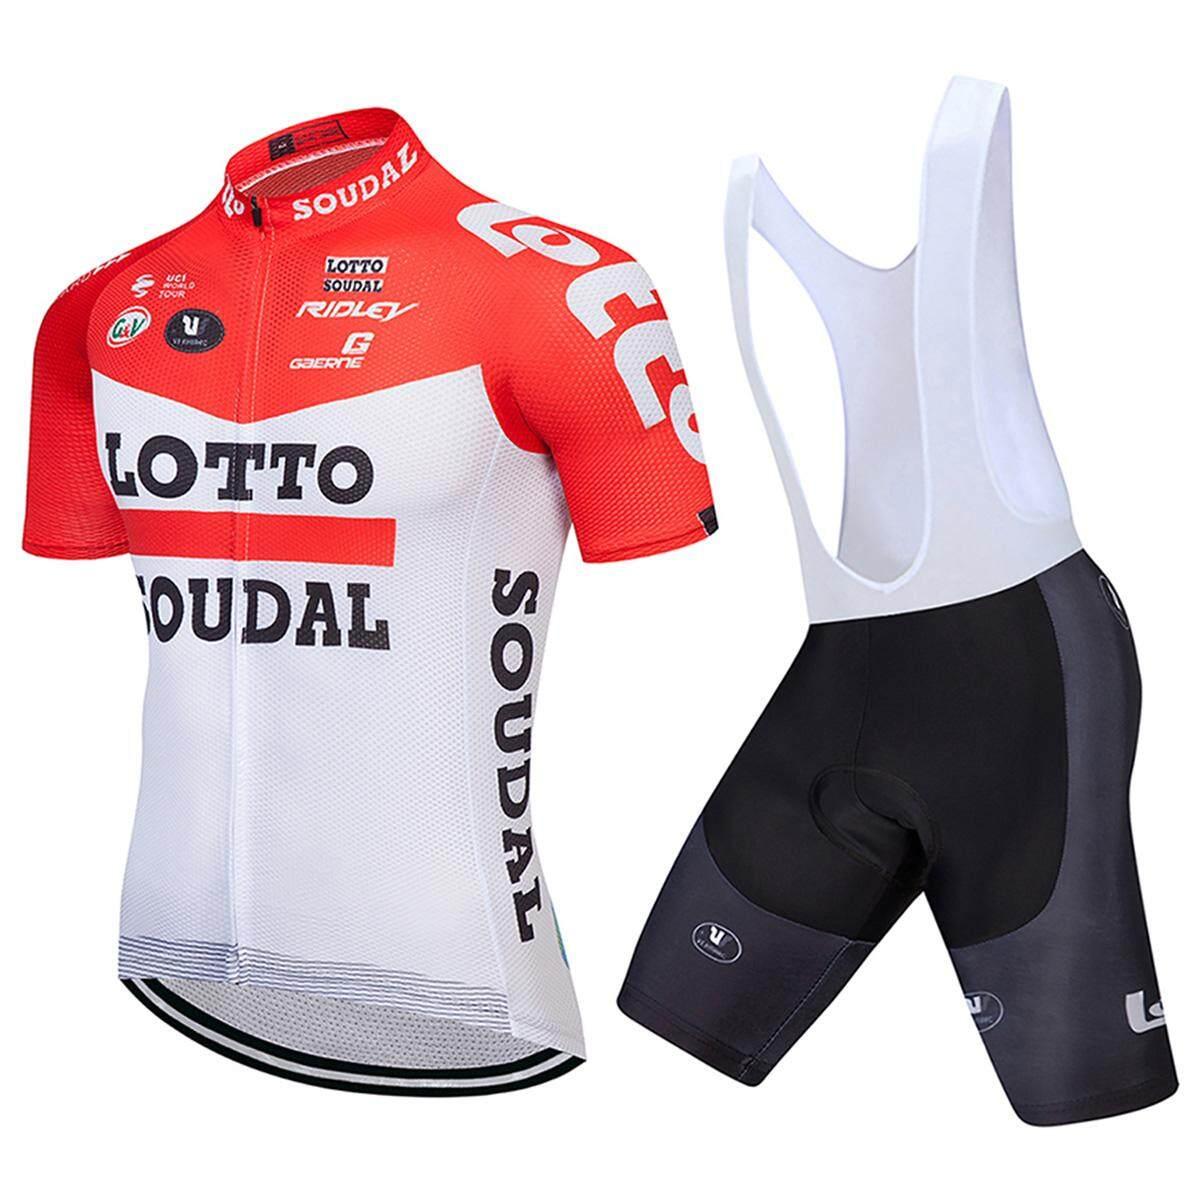 Lotto Pendek 2018 Baru Musim Panas Short Lengan Pro Bersepeda Jersey Tim Pria Bib Pendek Set Cepat Kering Bersepeda Pakaian Sepeda Memakai MTB Sepeda Pakaian-Internasional